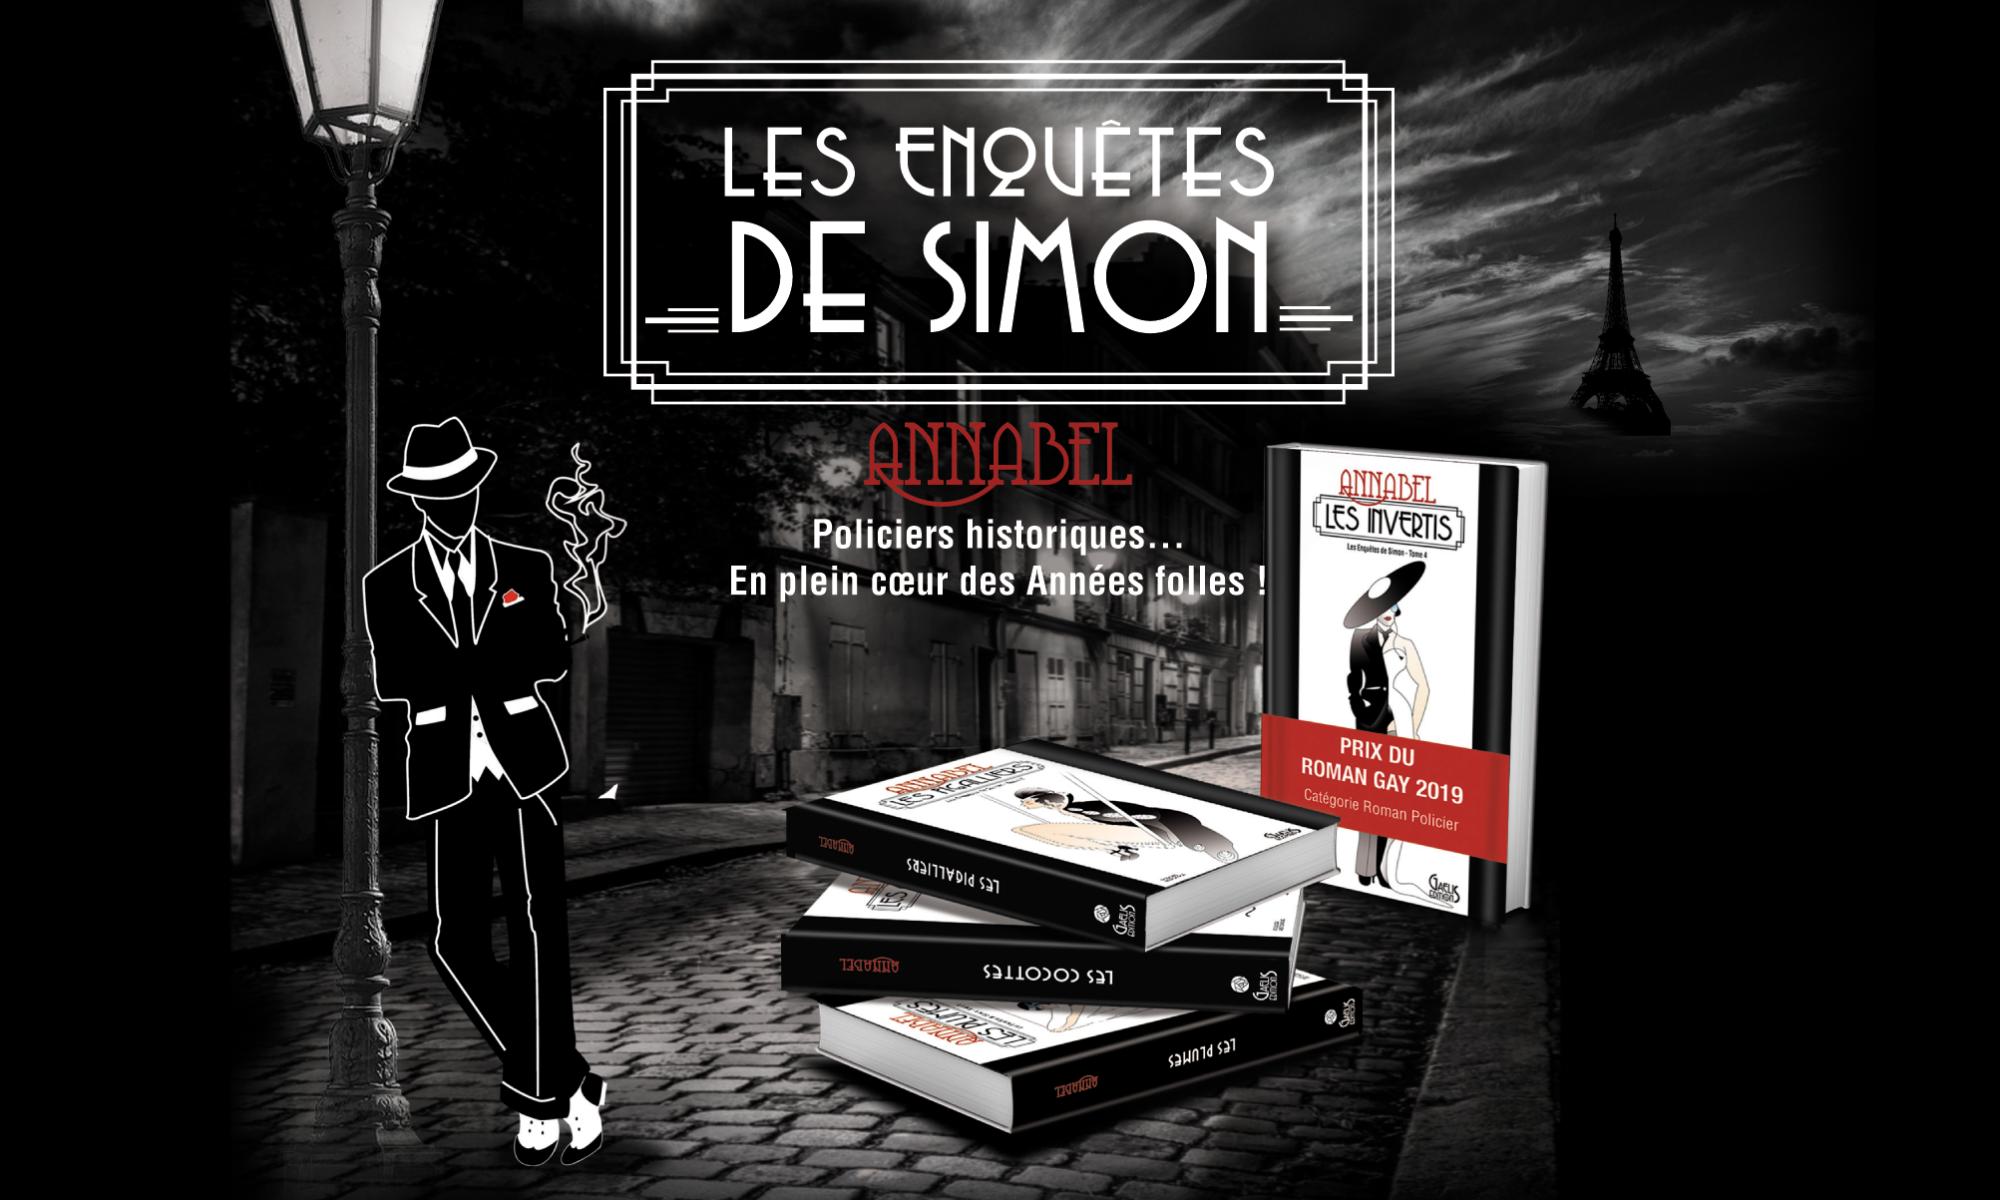 Les Enquêtes de Simon